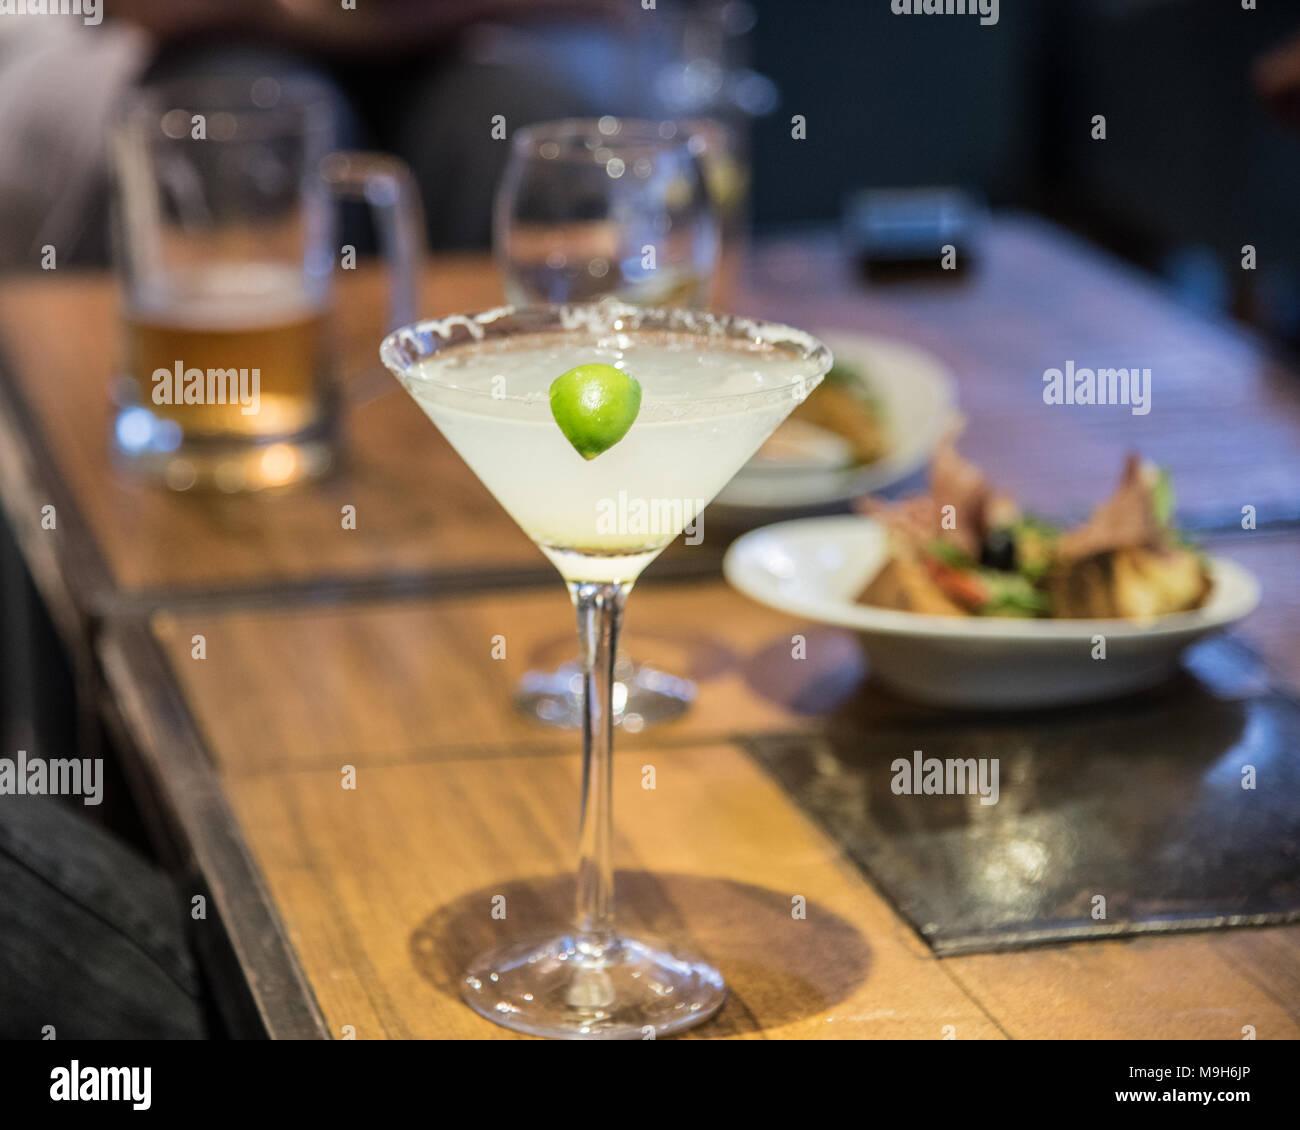 Un drink di margarita si siede su un tavolo nel fuoco. Sullo sfondo sono una varietà di bevande alcoliche, compresa la birra e il vino. Immagini Stock